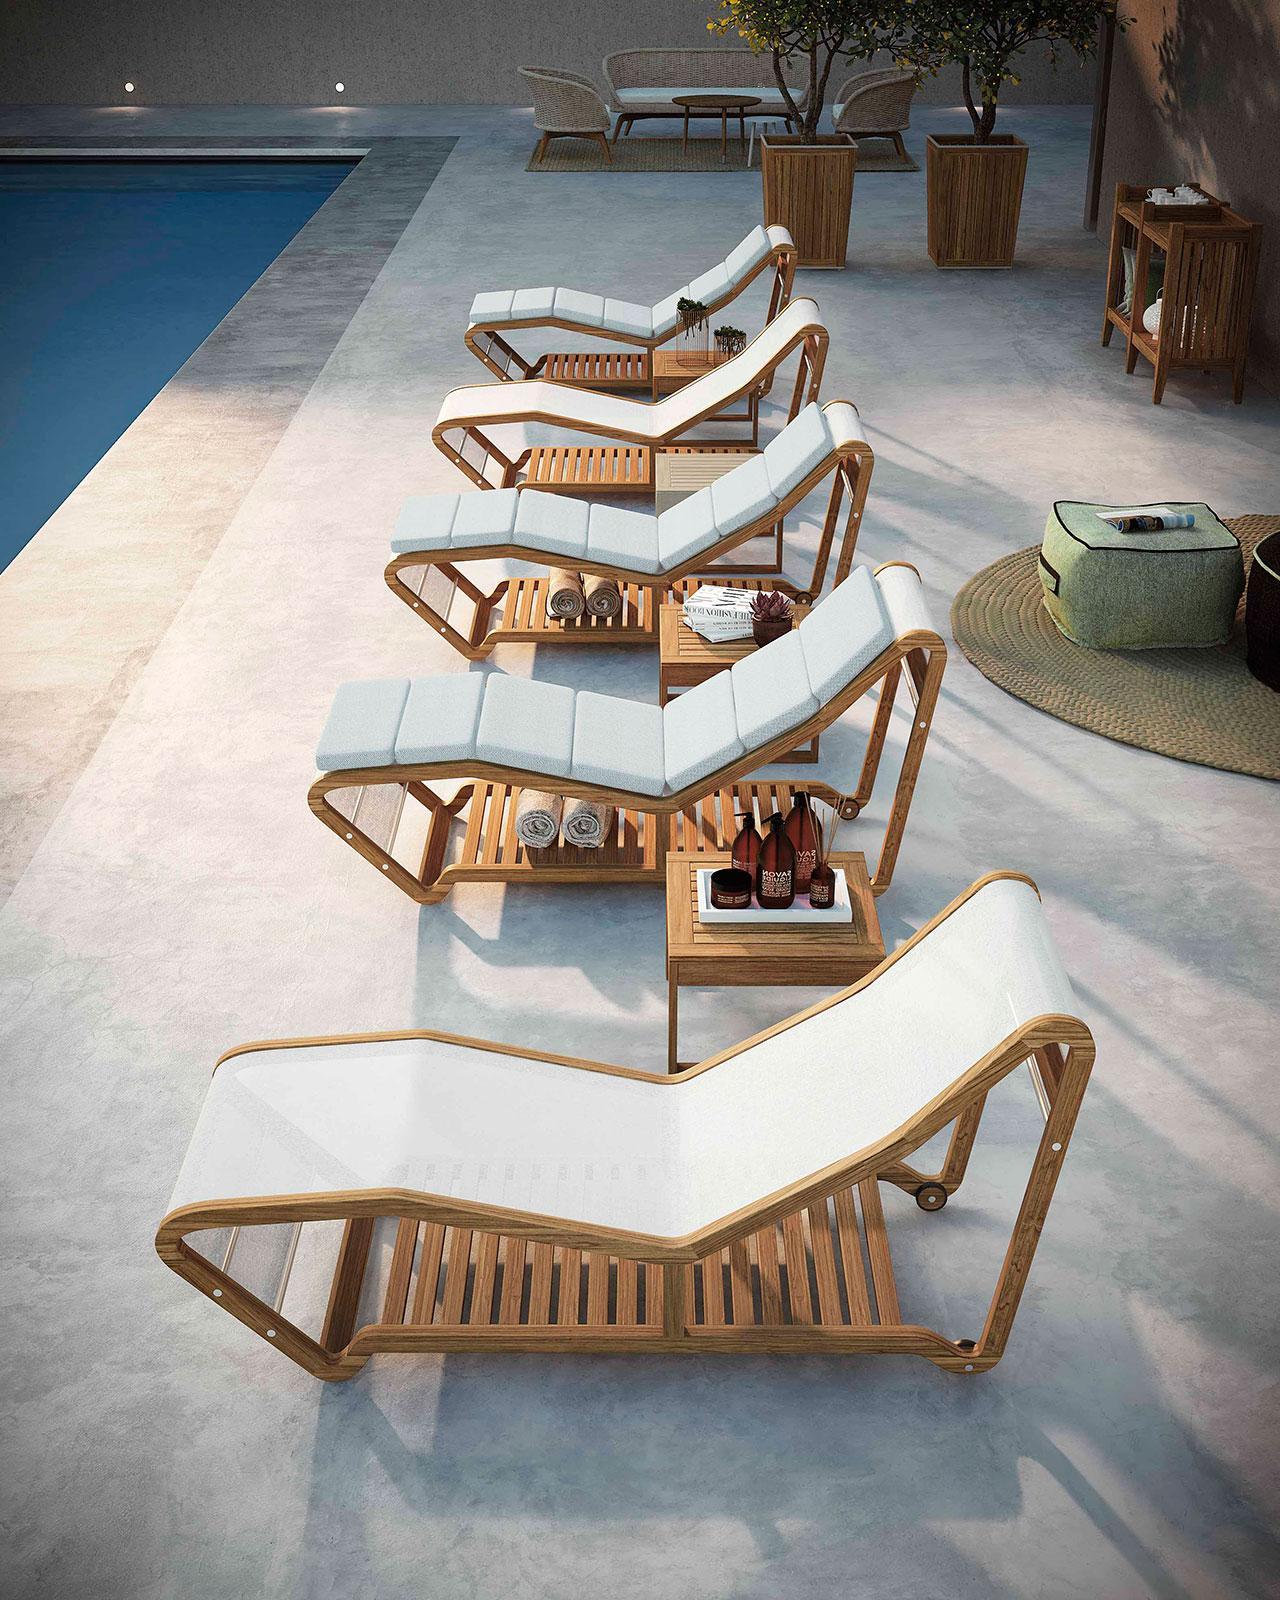 Chaise longue da giardino con struttura in teak ed acciaio. Seduta in textilene bianco. Mobili da esterno. Vendita online